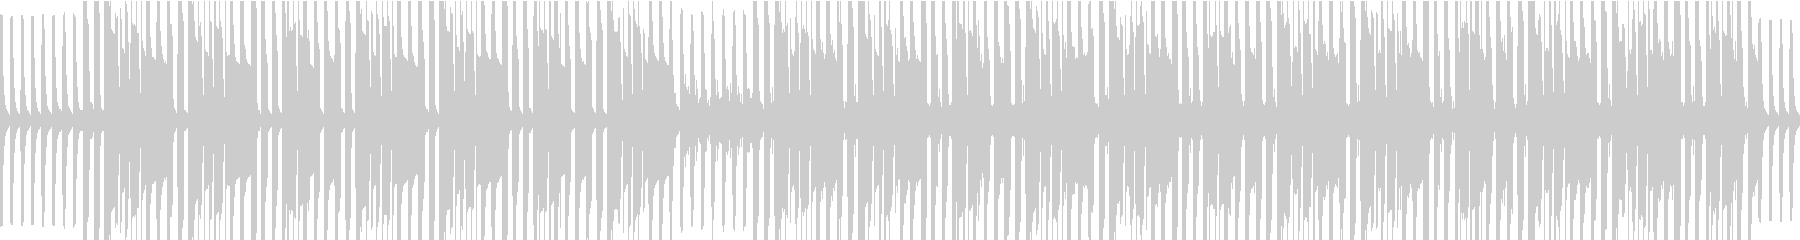 探偵、バスドラ四つ打ちループ音源の未再生の波形